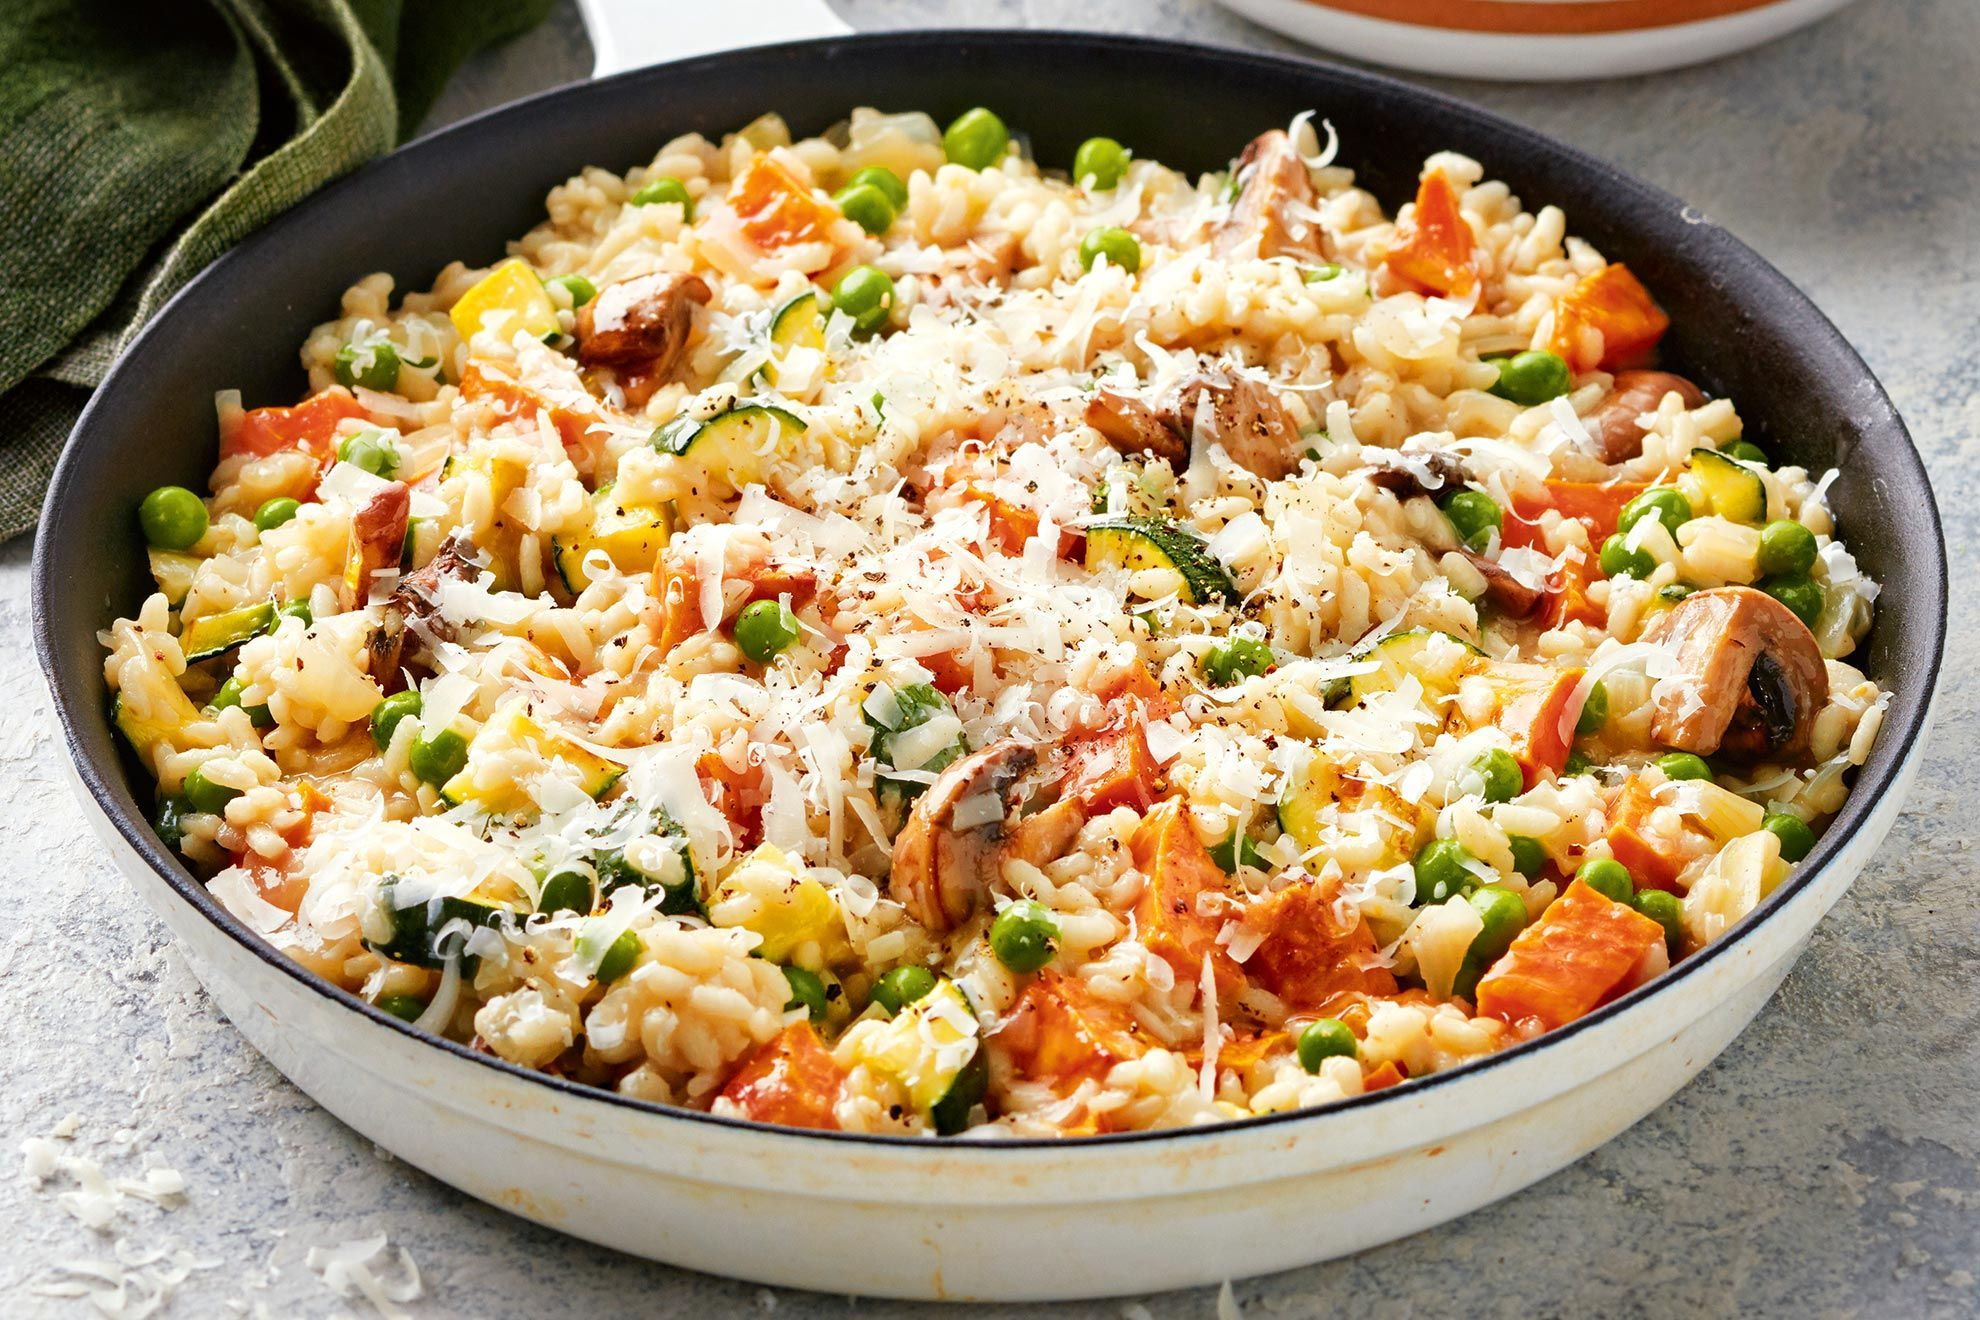 ご飯と葉もの野菜を使ったヘルシーレシピ